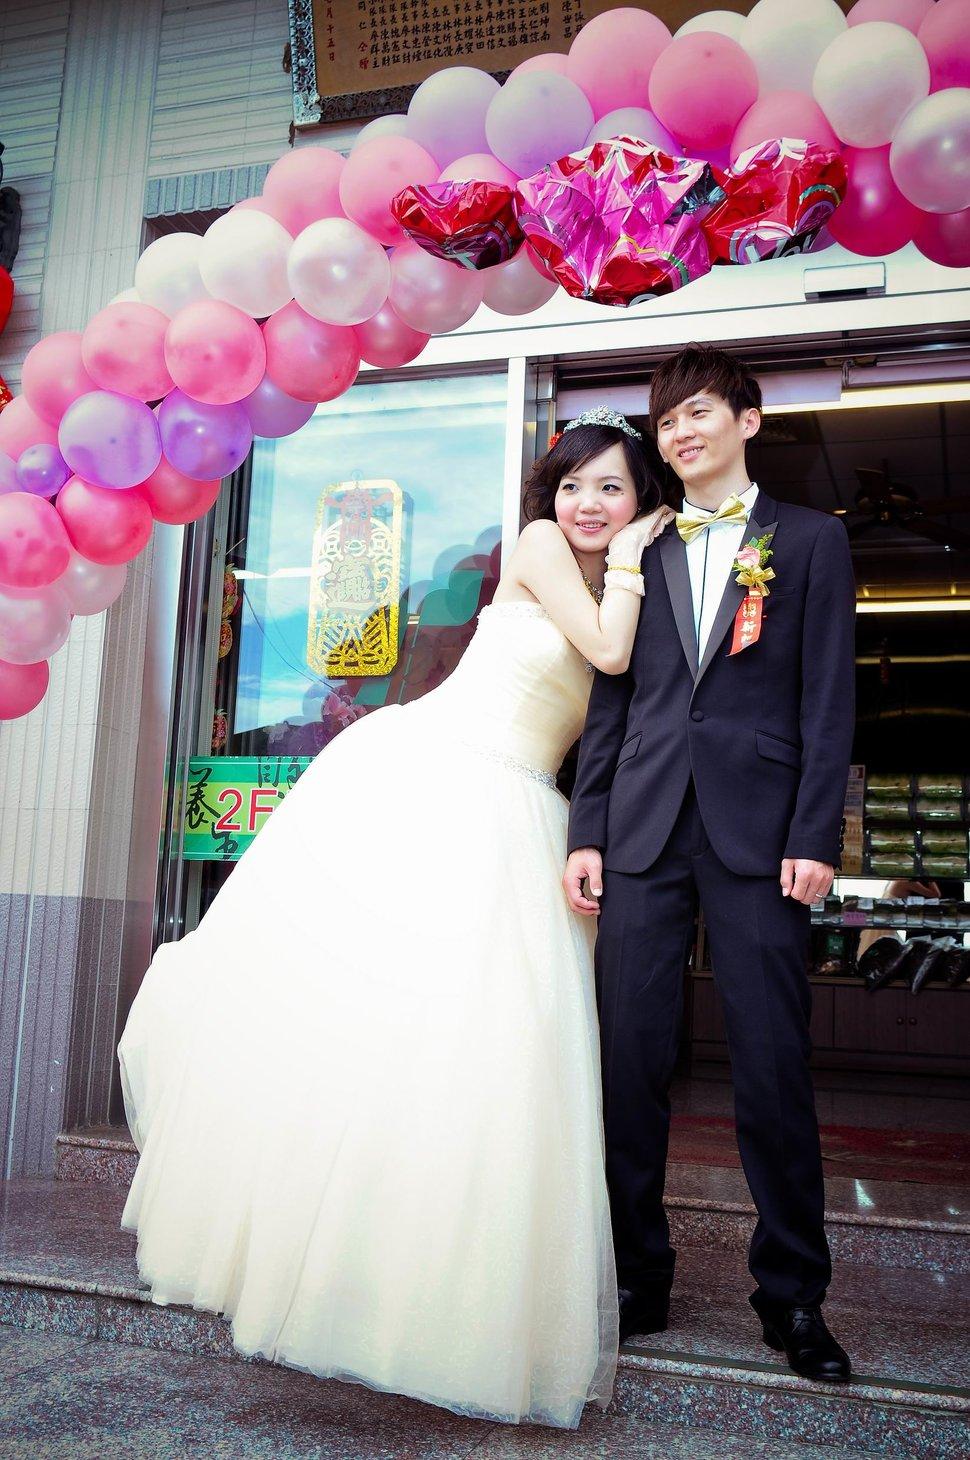 台中天野養生餐廳婚禮記錄婚禮記錄動態微電影錄影專業錄影平面攝影(編號:196509) - 蜜月拍照10800錄影12800攝影團隊 - 結婚吧